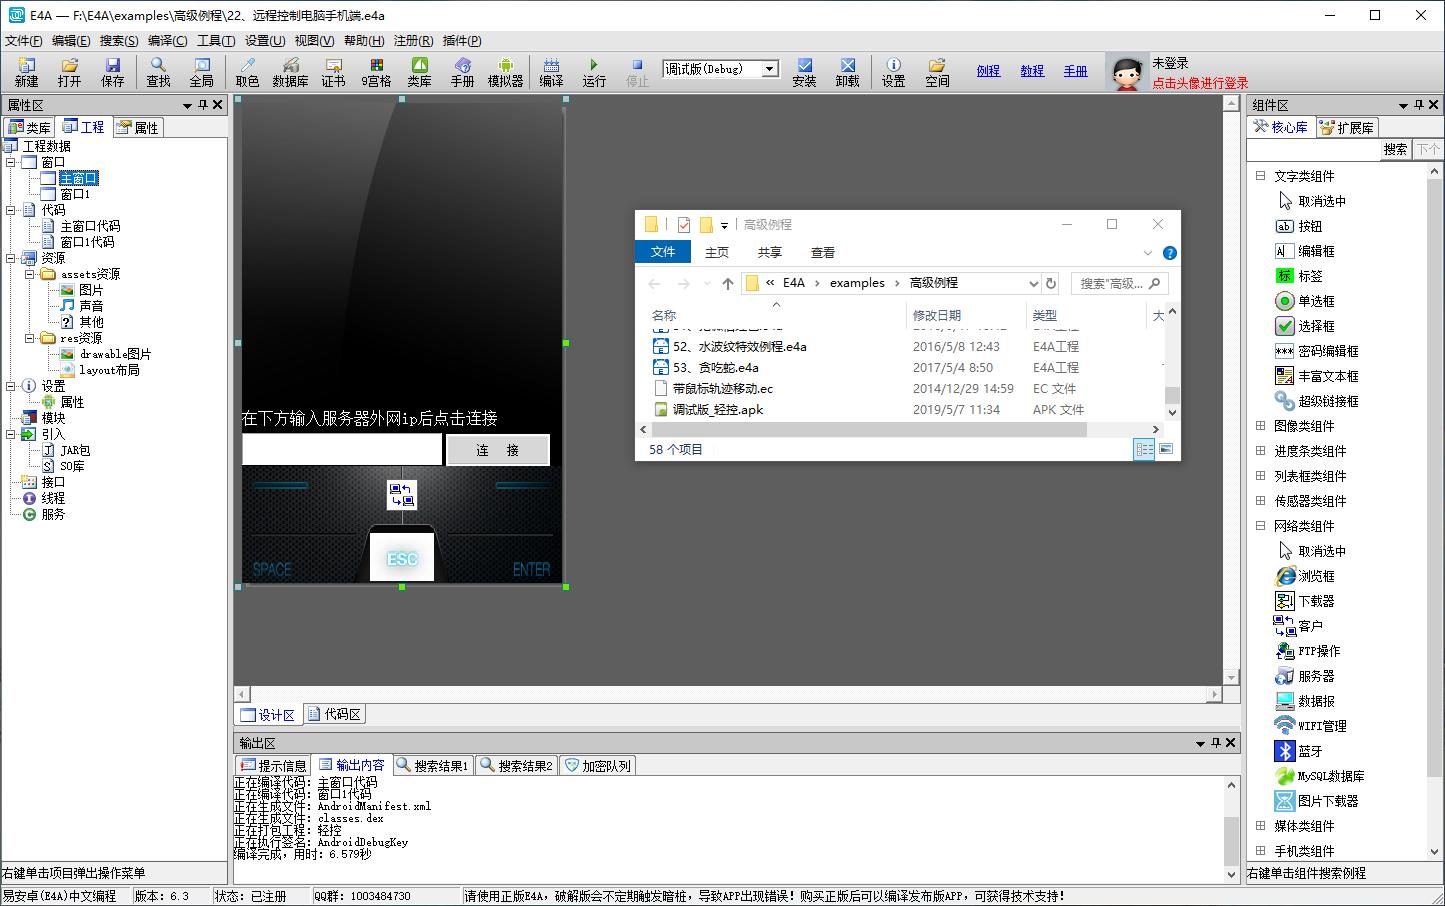 易安卓 E4A6.3 破解版 附主程序和破解补丁